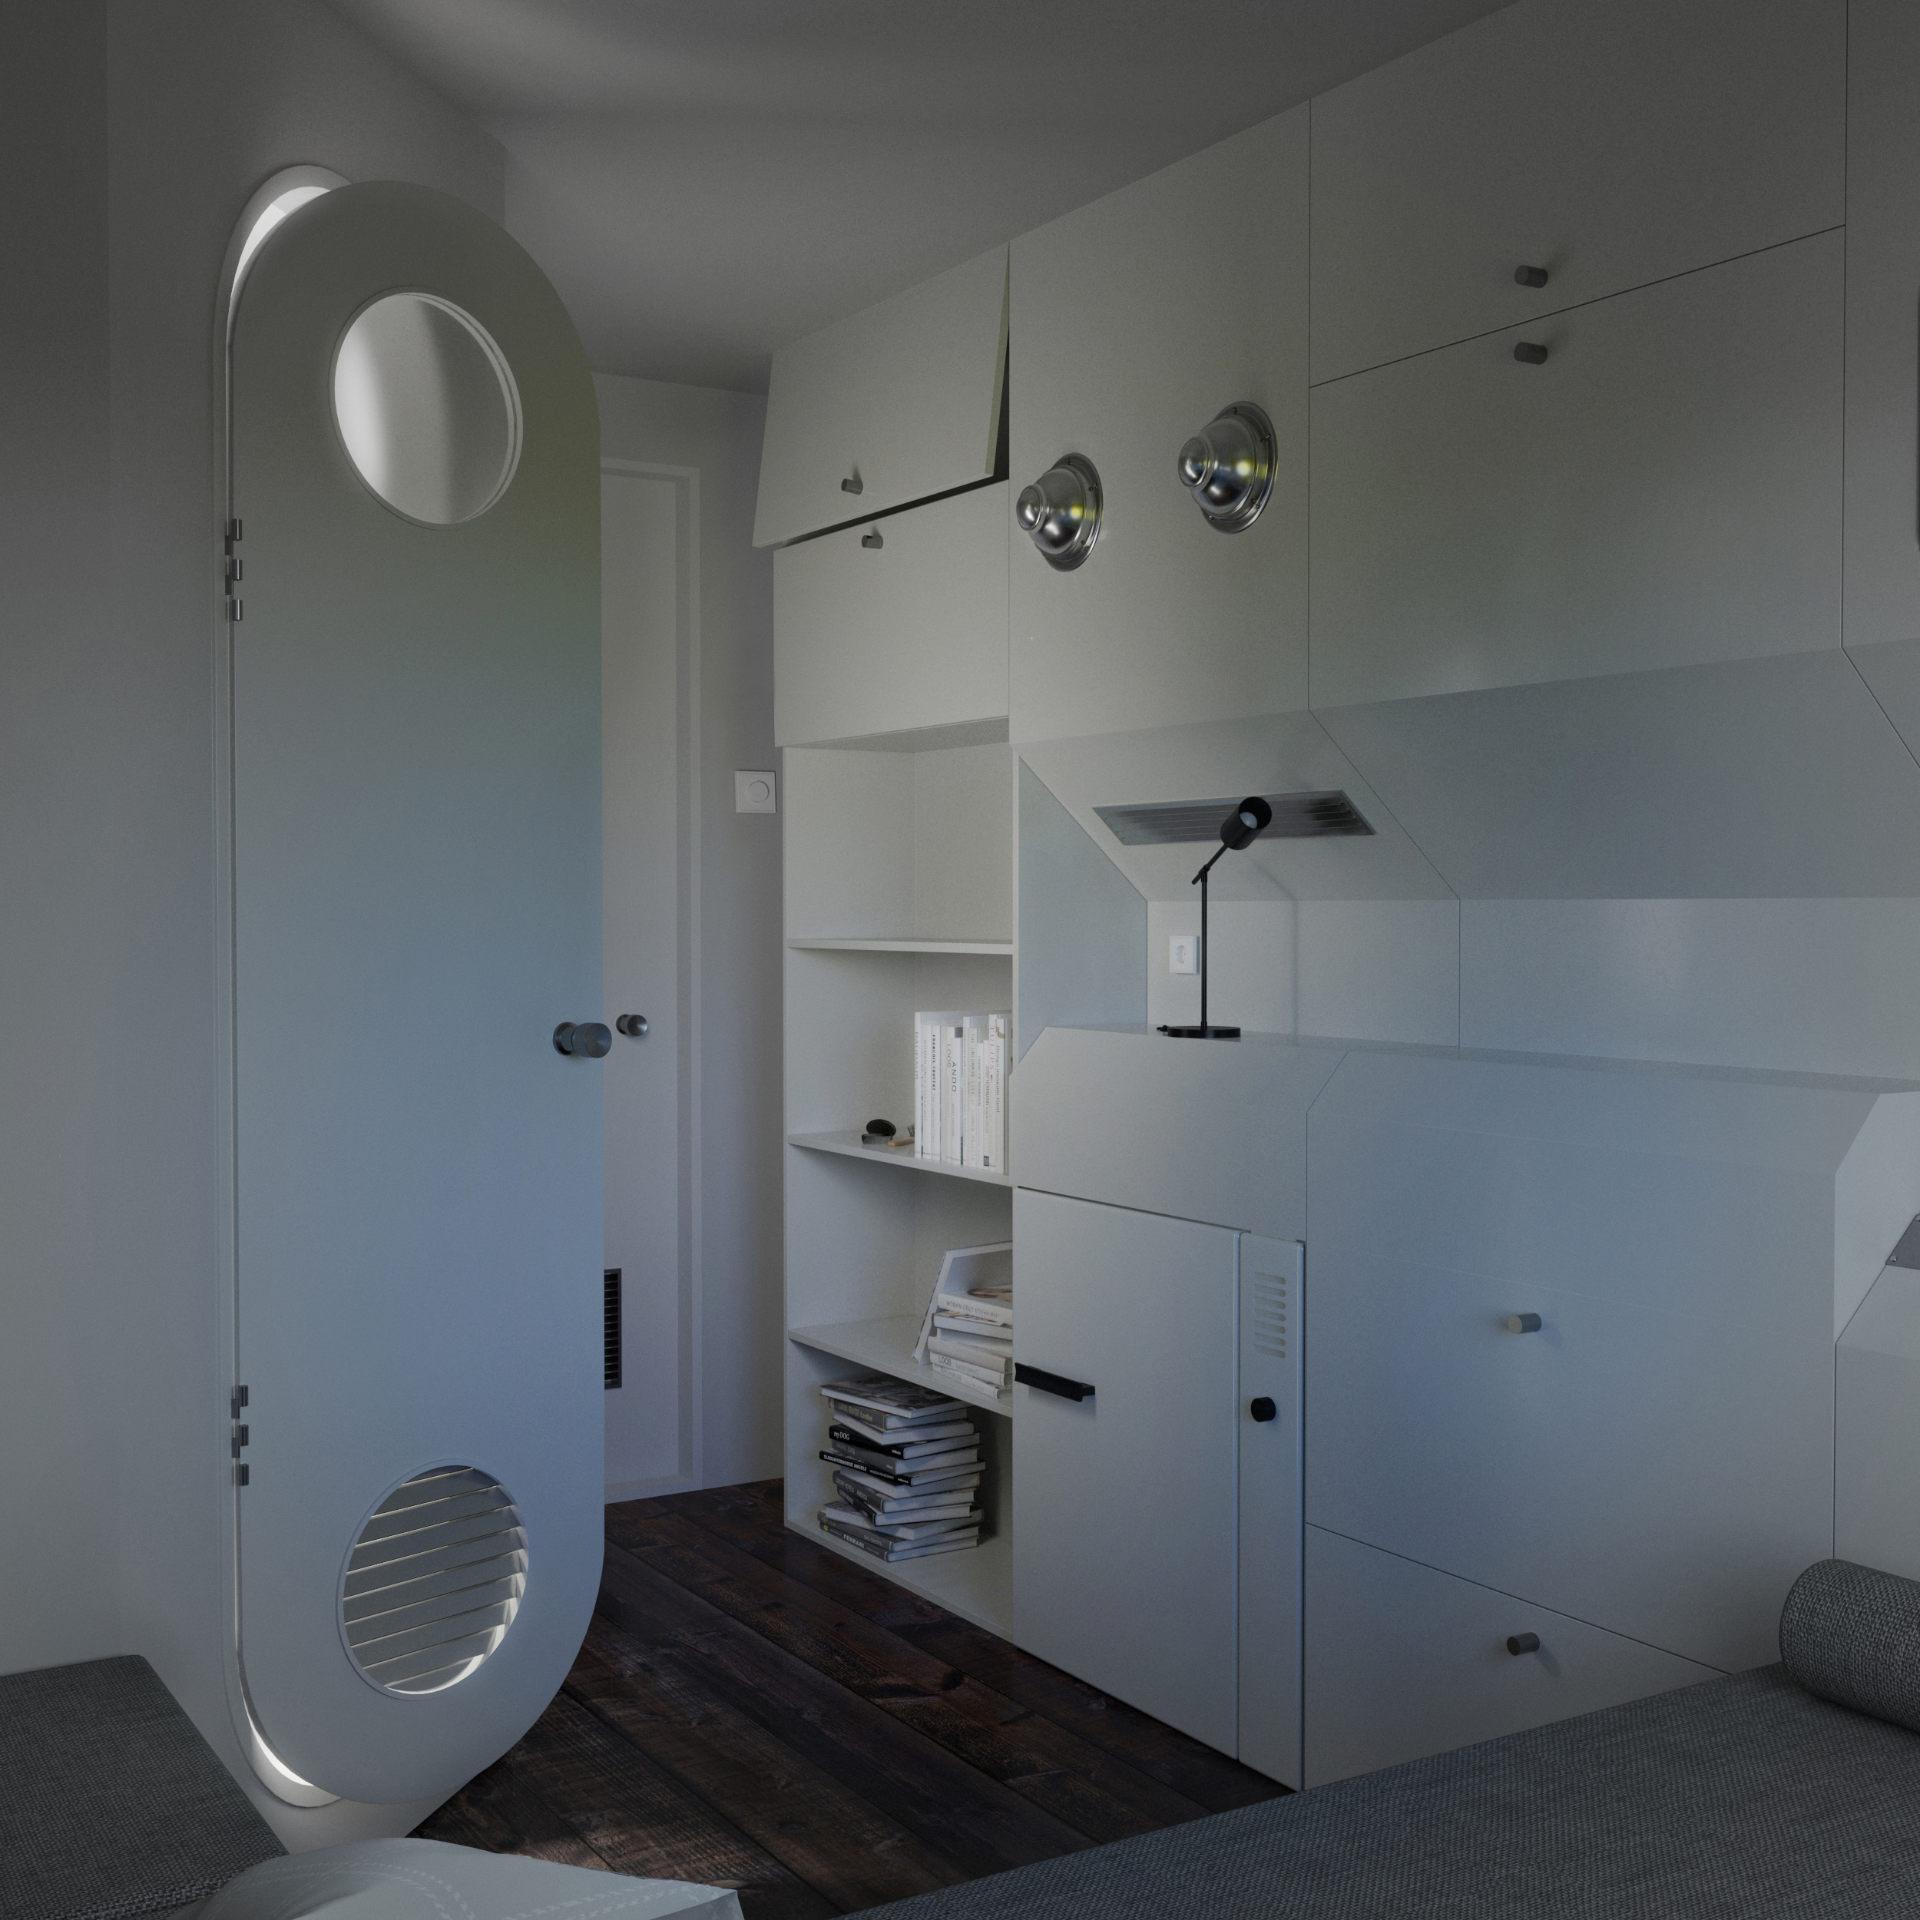 Wizualizacja 3D Nakagin Capsule - wnętrze kapsułowego hotelu